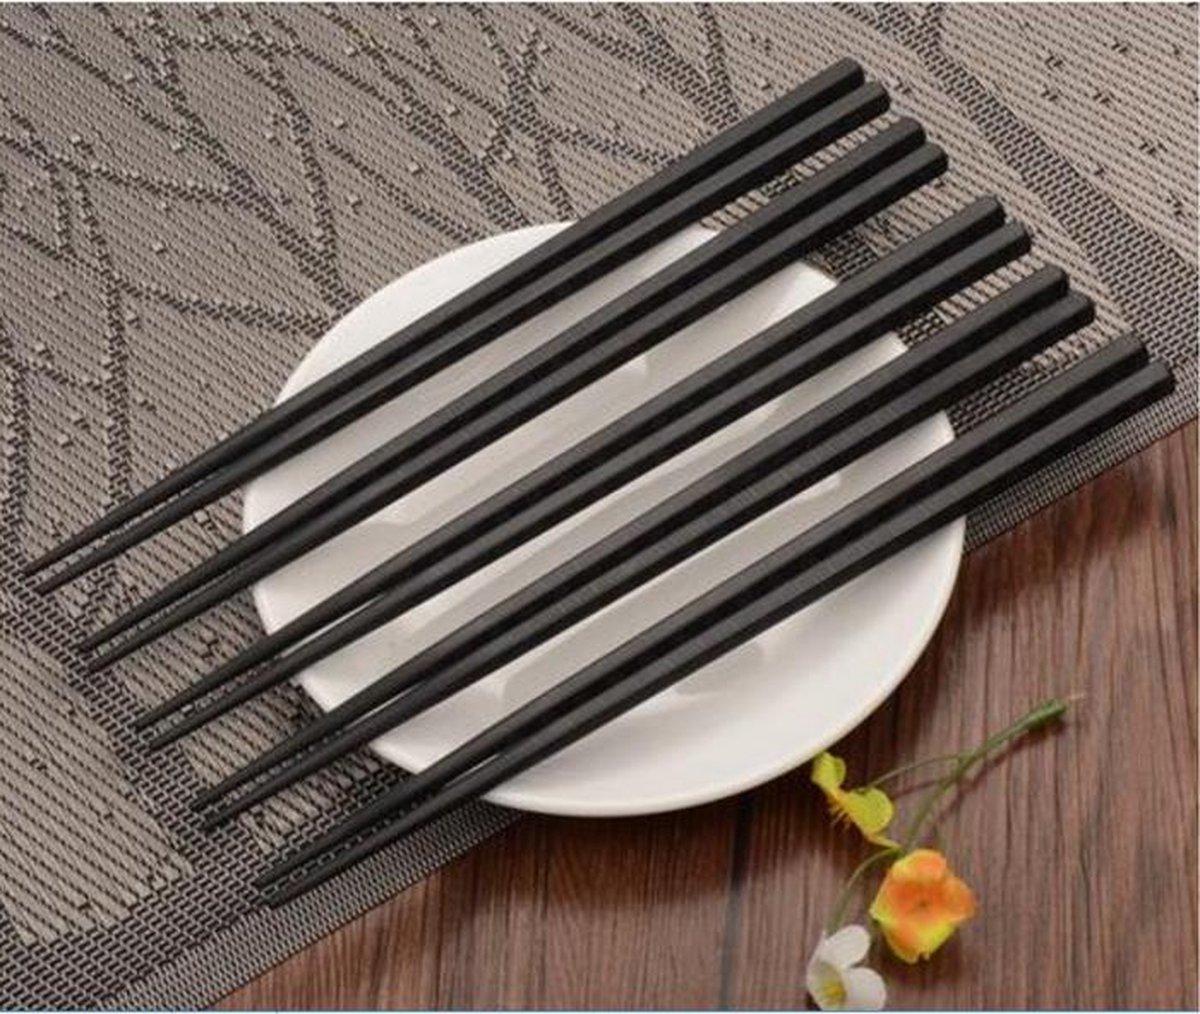 Eetstokjes - Zwart - Chopsticks - Sushi - Luxe uitvoering- 4 paar